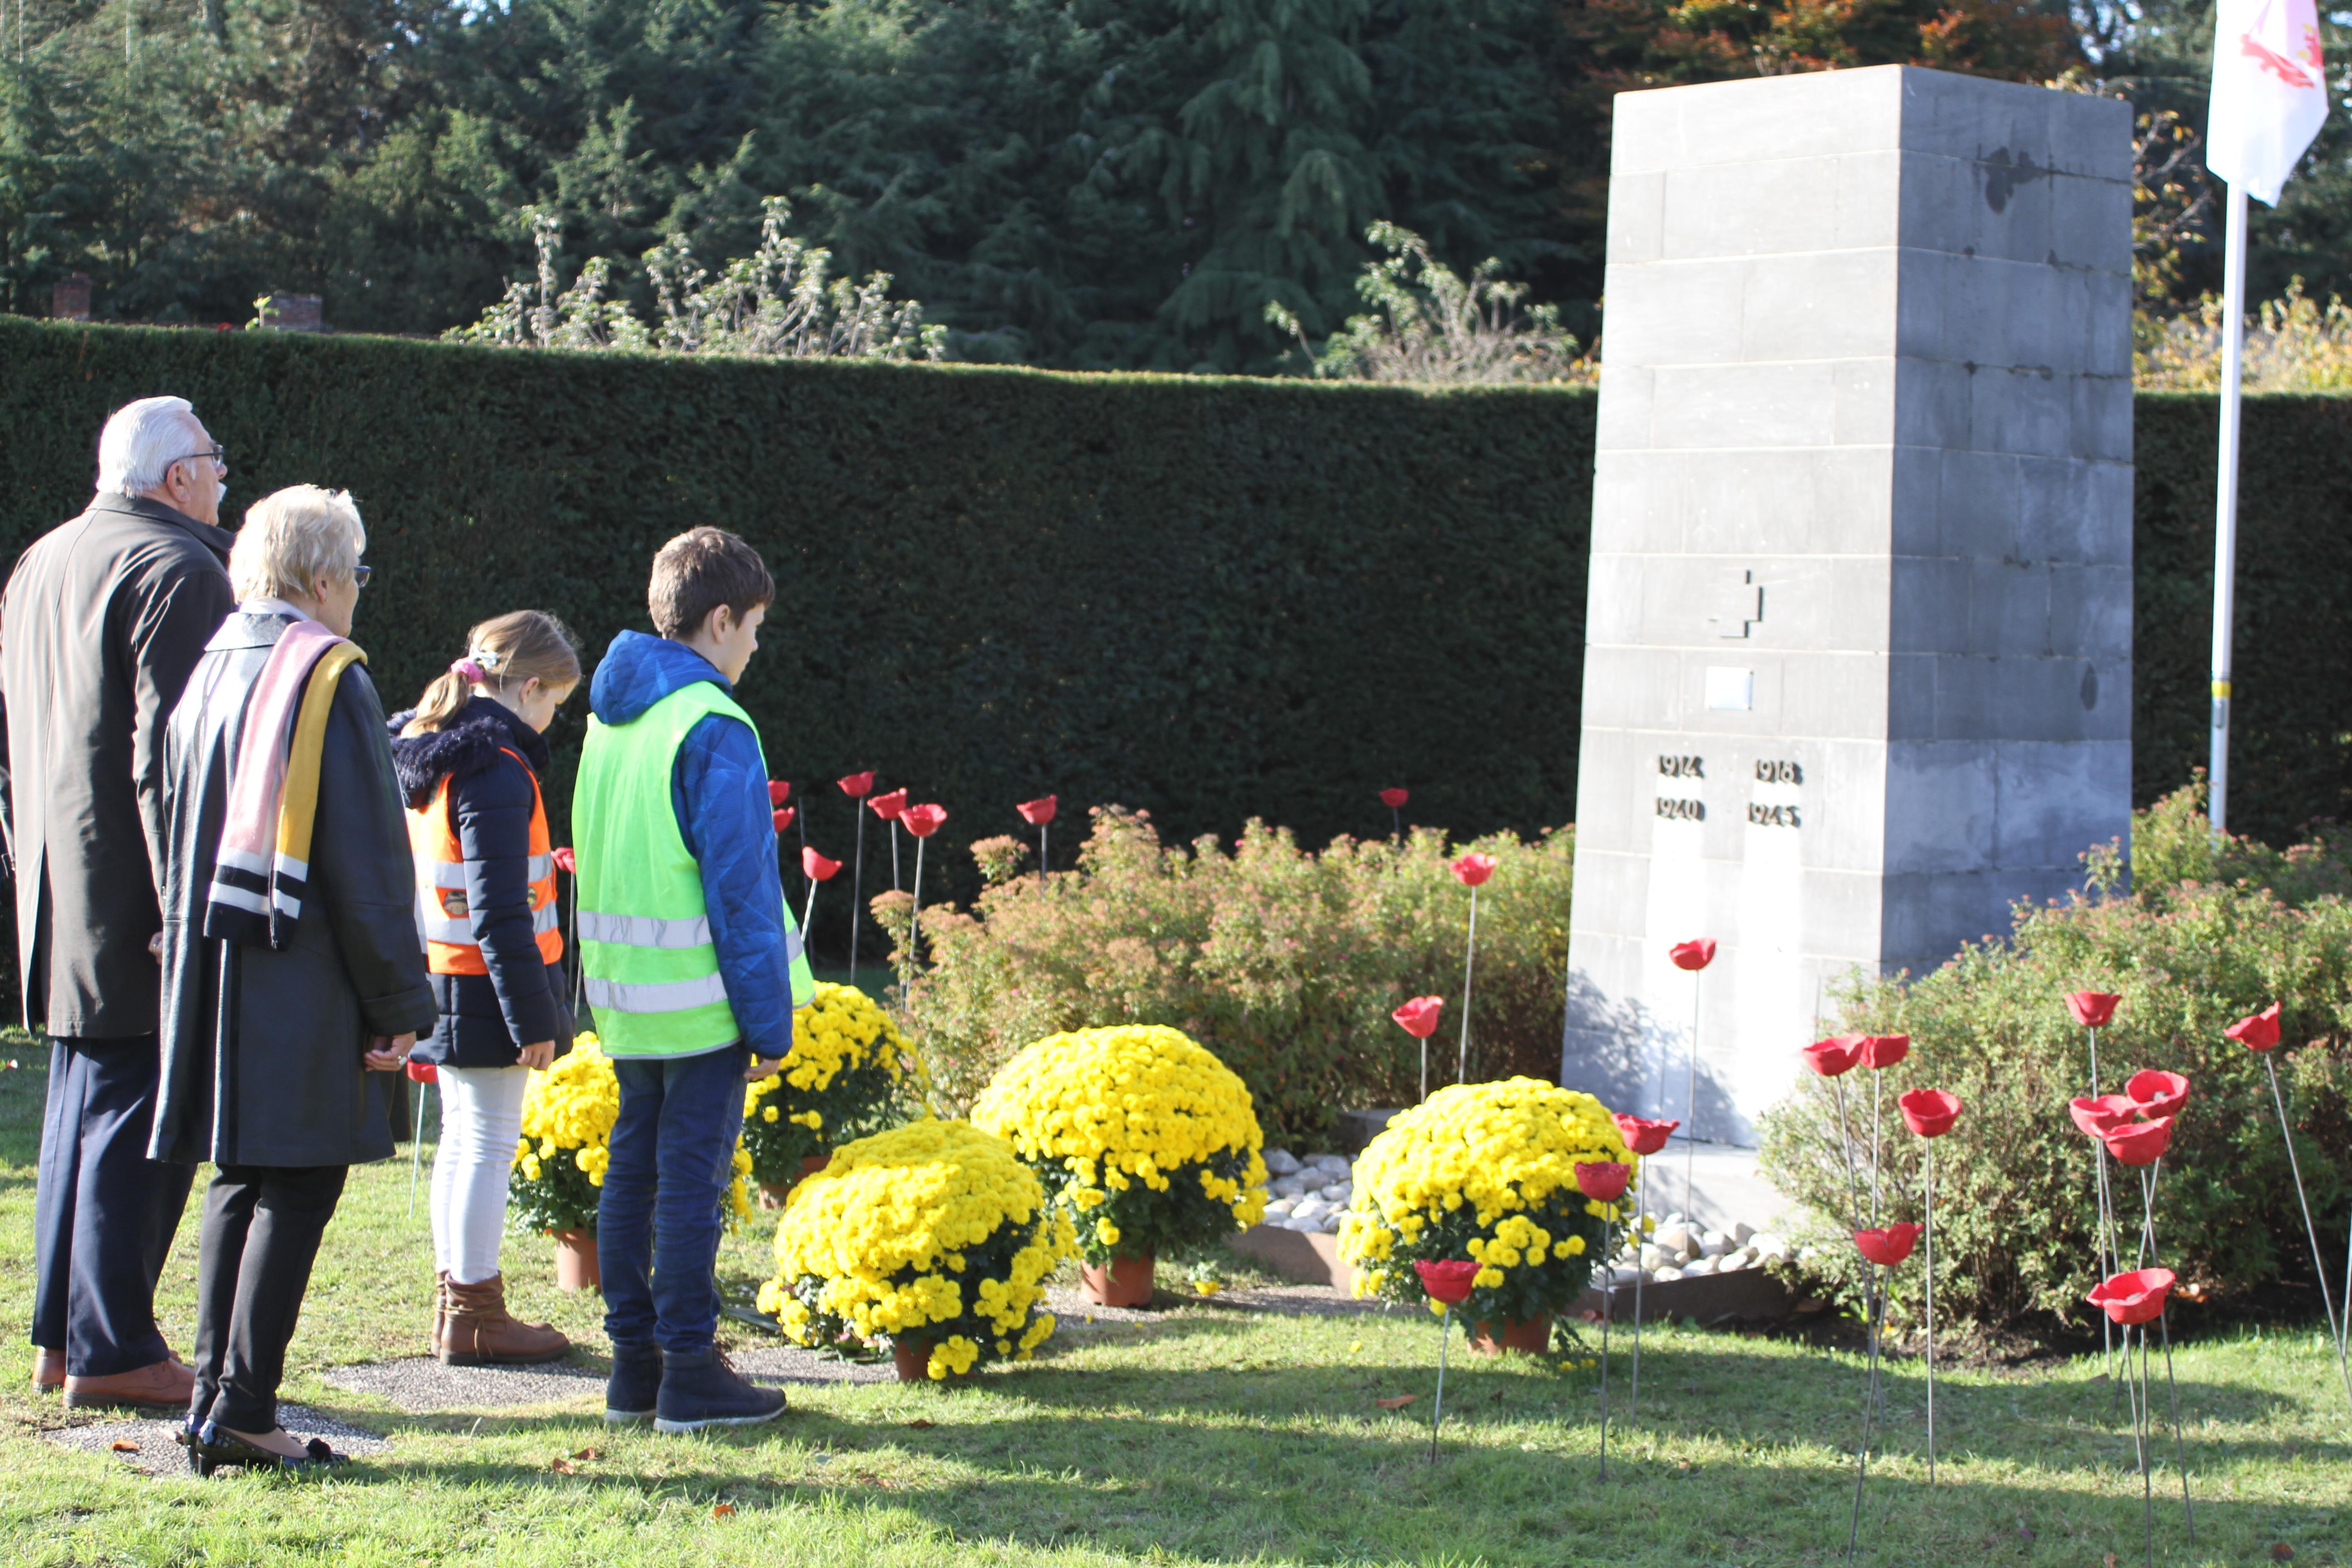 De Heppening sluit oorlogsproject af aan monument - Het Belang van Limburg